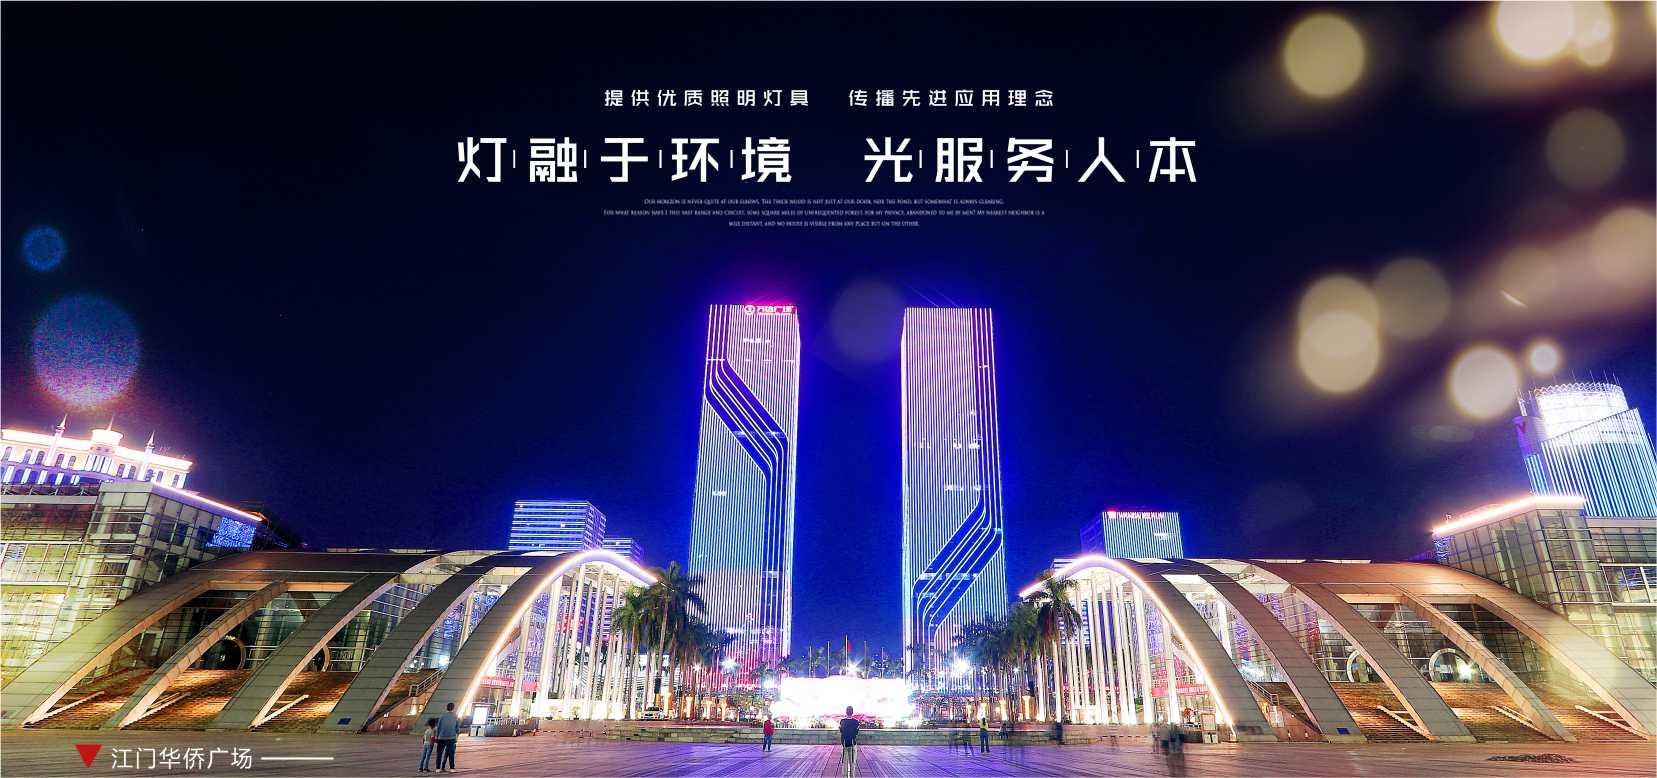 五邑华侨广场